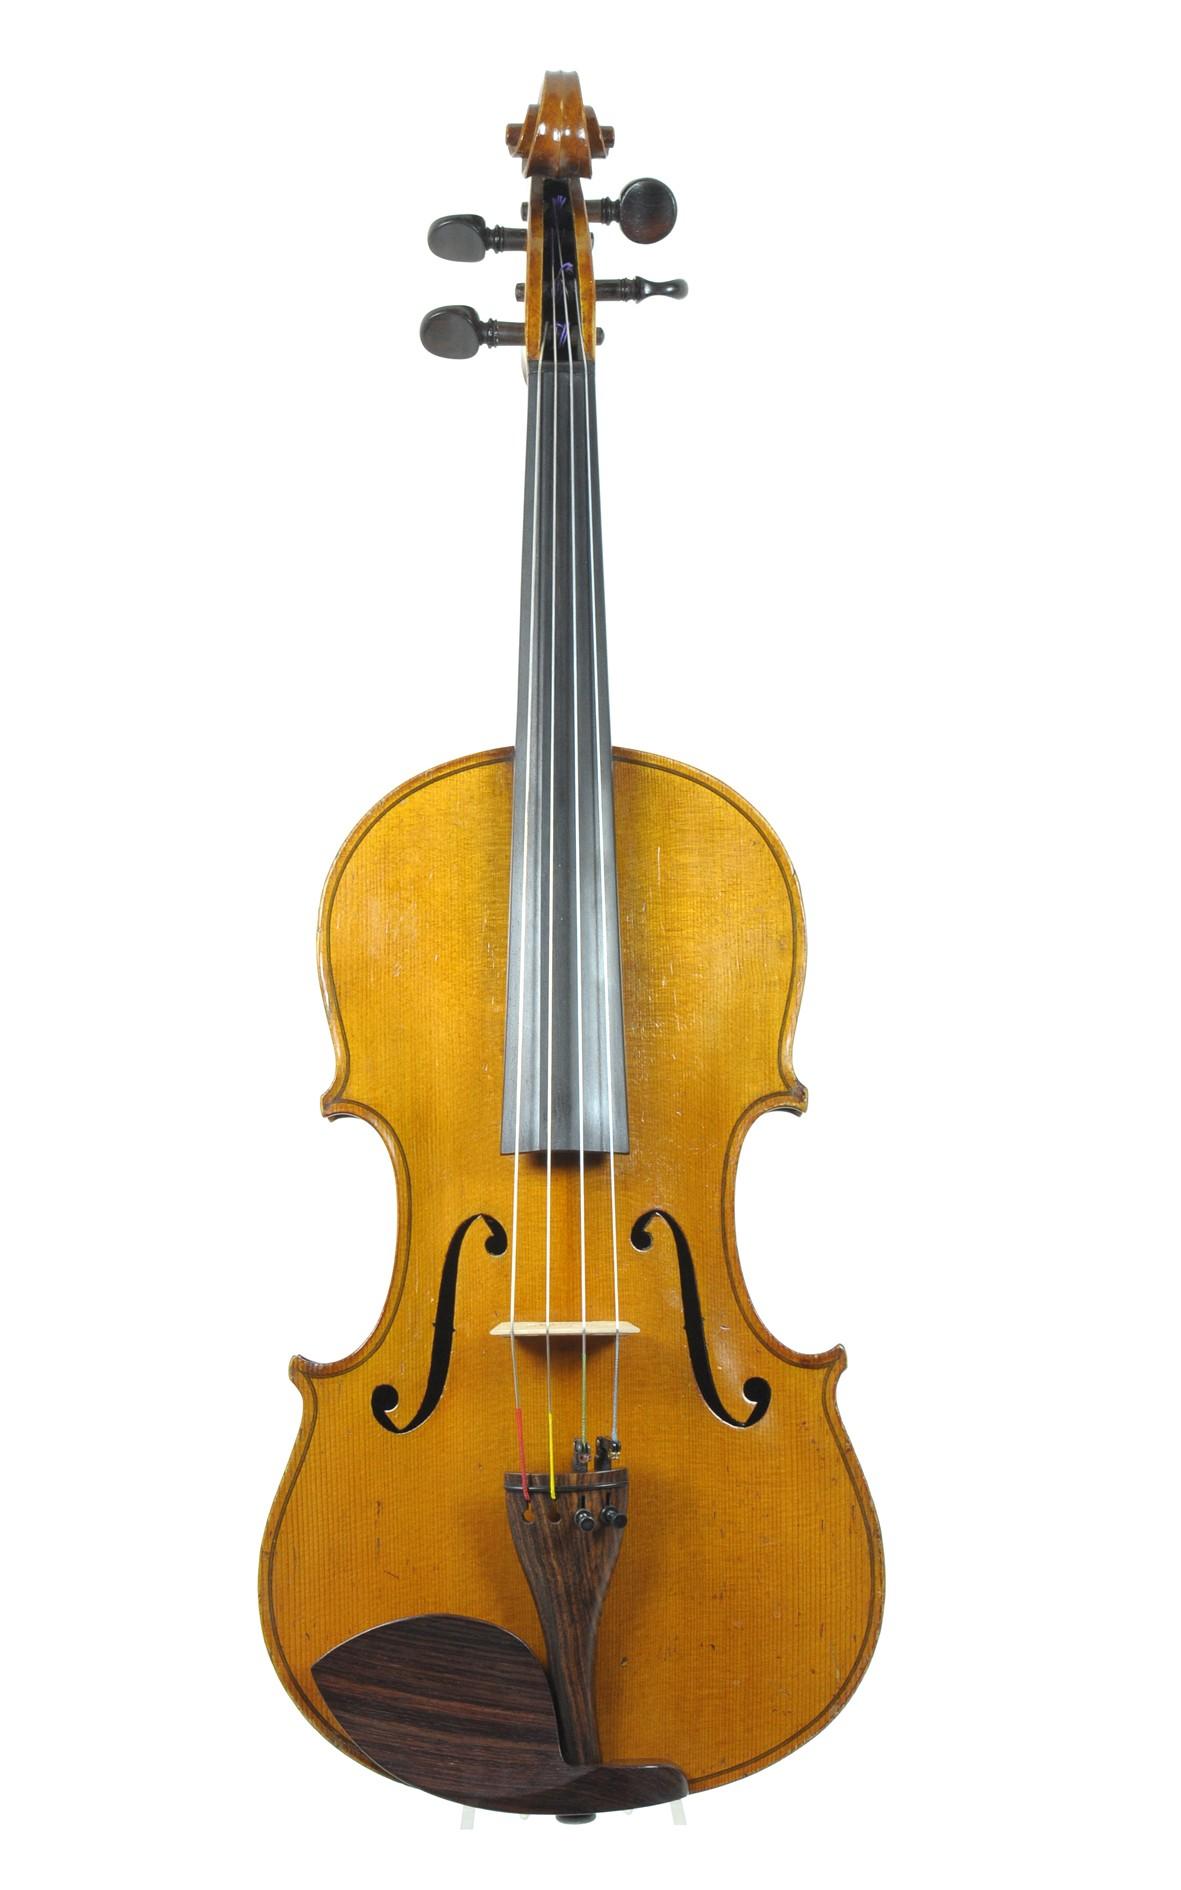 Antique viola by Nicolaus Bernhard